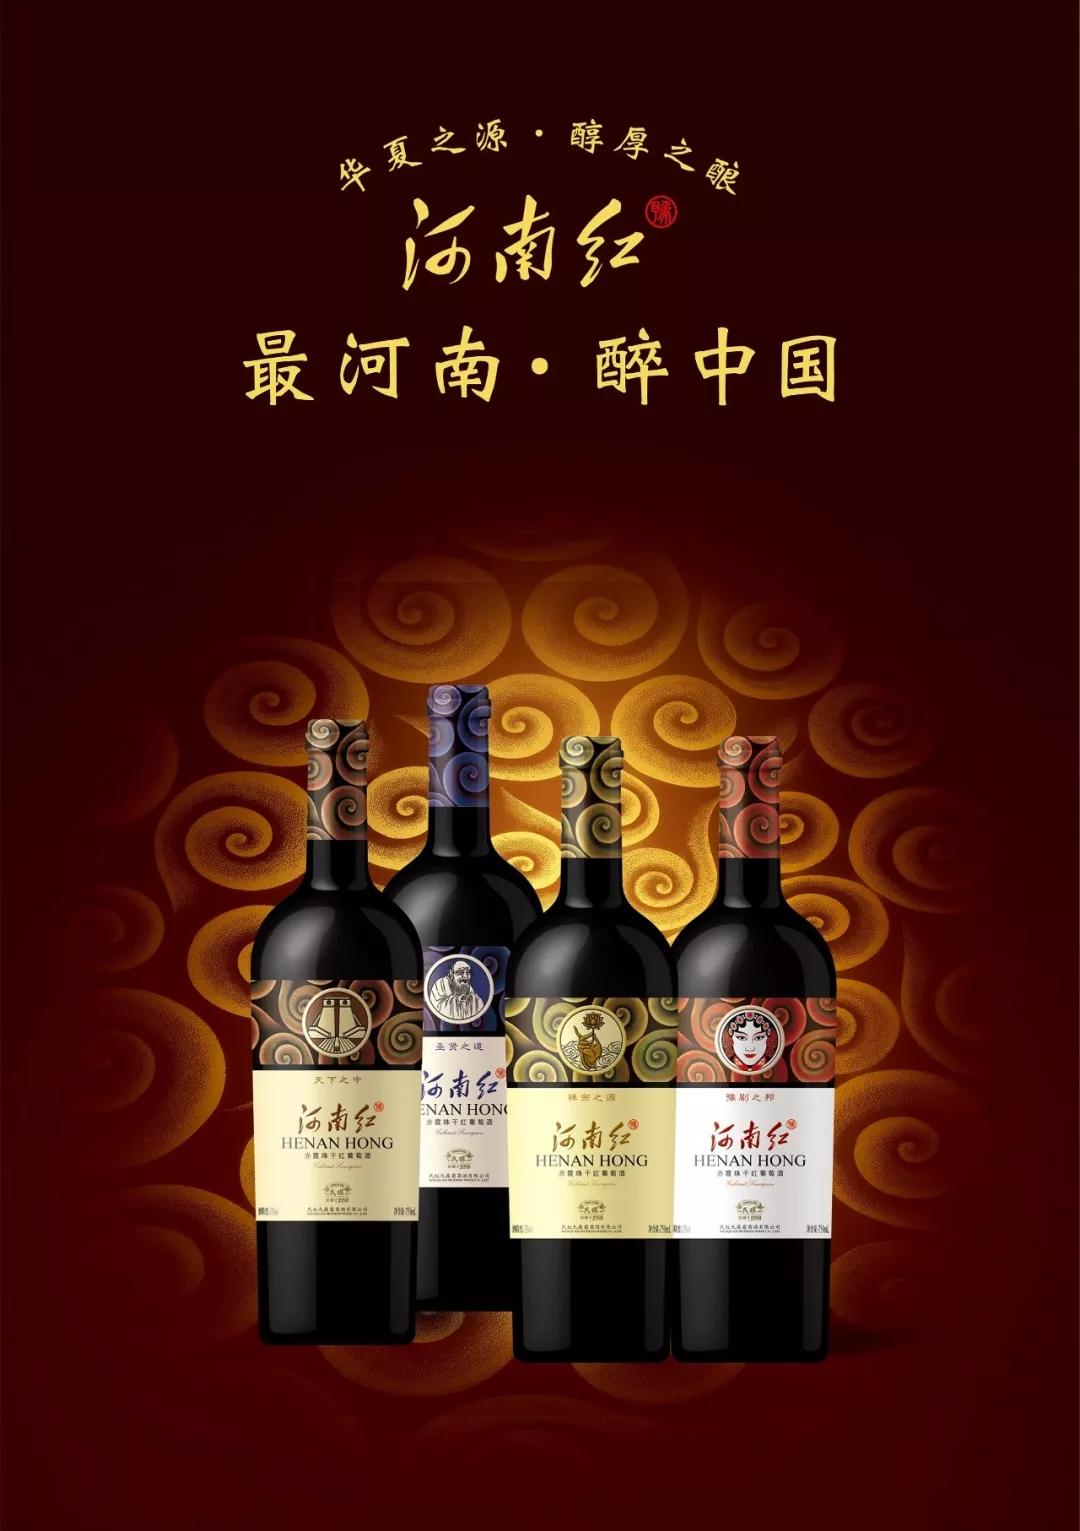 天明集团并购民权葡萄酒厂